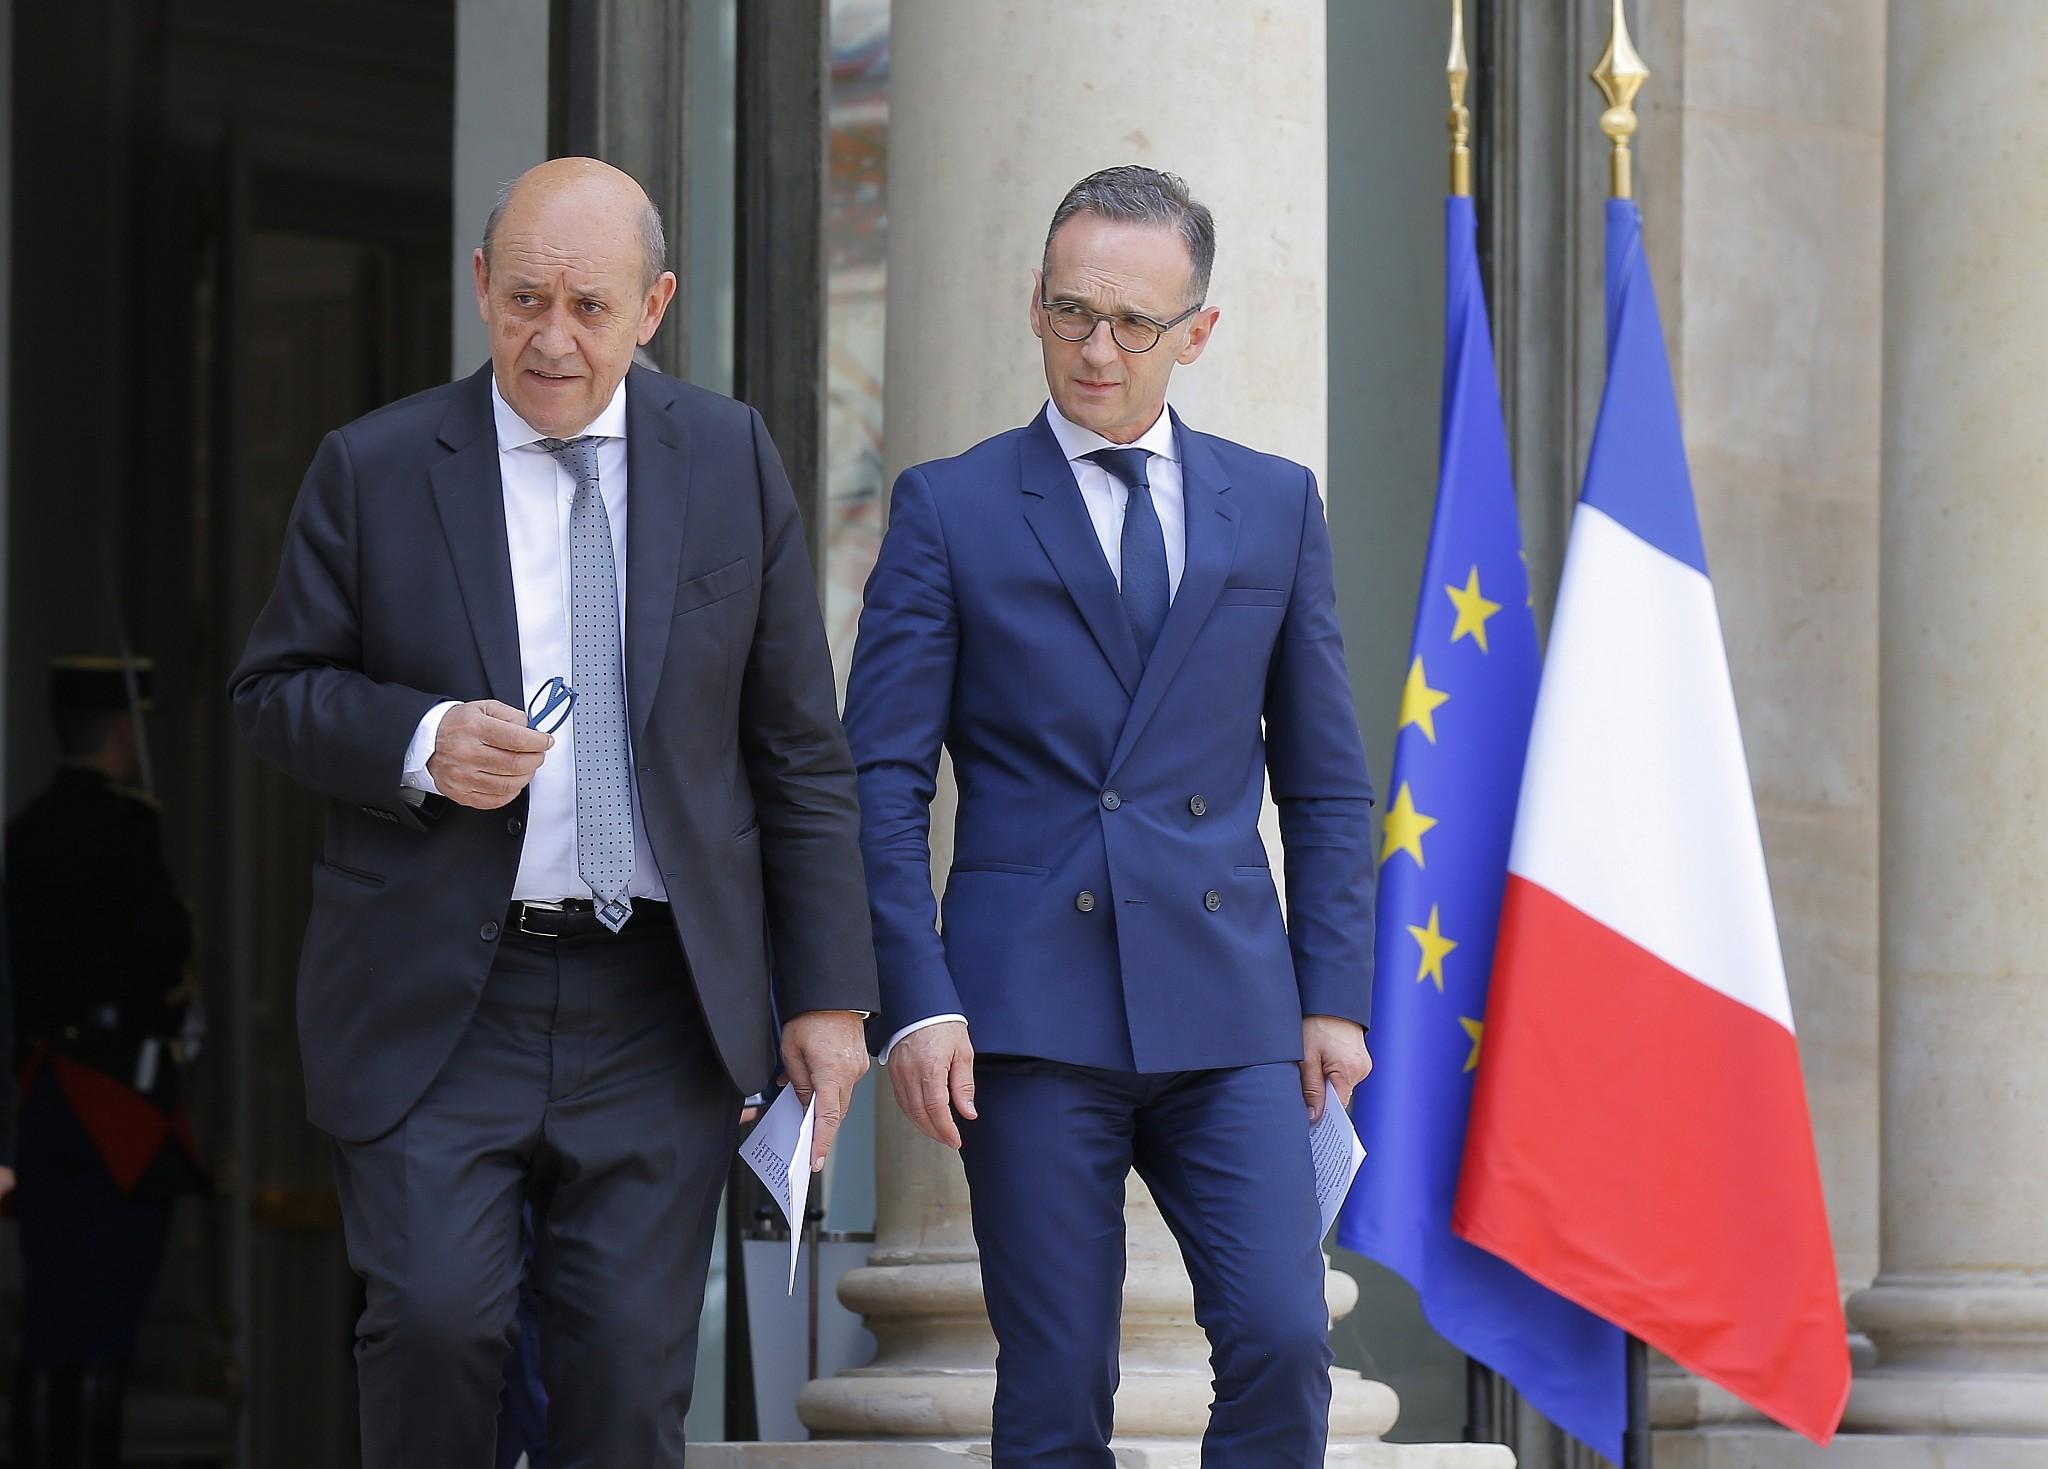 Κοσσυφοπέδιο: Ταχεία επανέναρξη του διαλόγου Πρίστινα-Βελιγραδίου επιθυμούν Γαλλία και Γερμανία